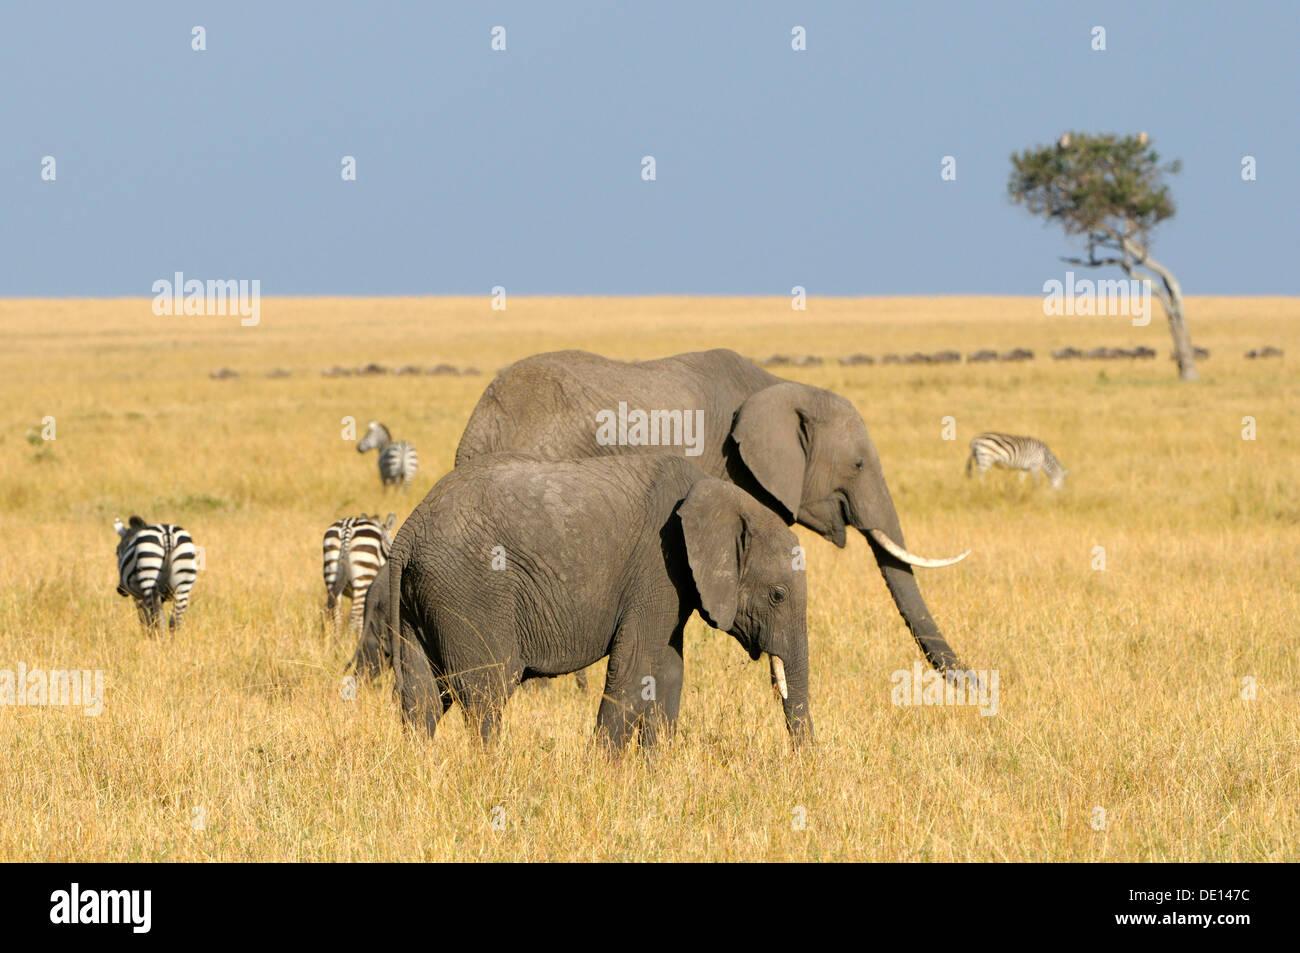 Bush africain Elephant (Loxodonta africana), groupe wandering paysage, Masai Mara National Reserve, Kenya, Afrique de l'Est, l'Afrique Photo Stock